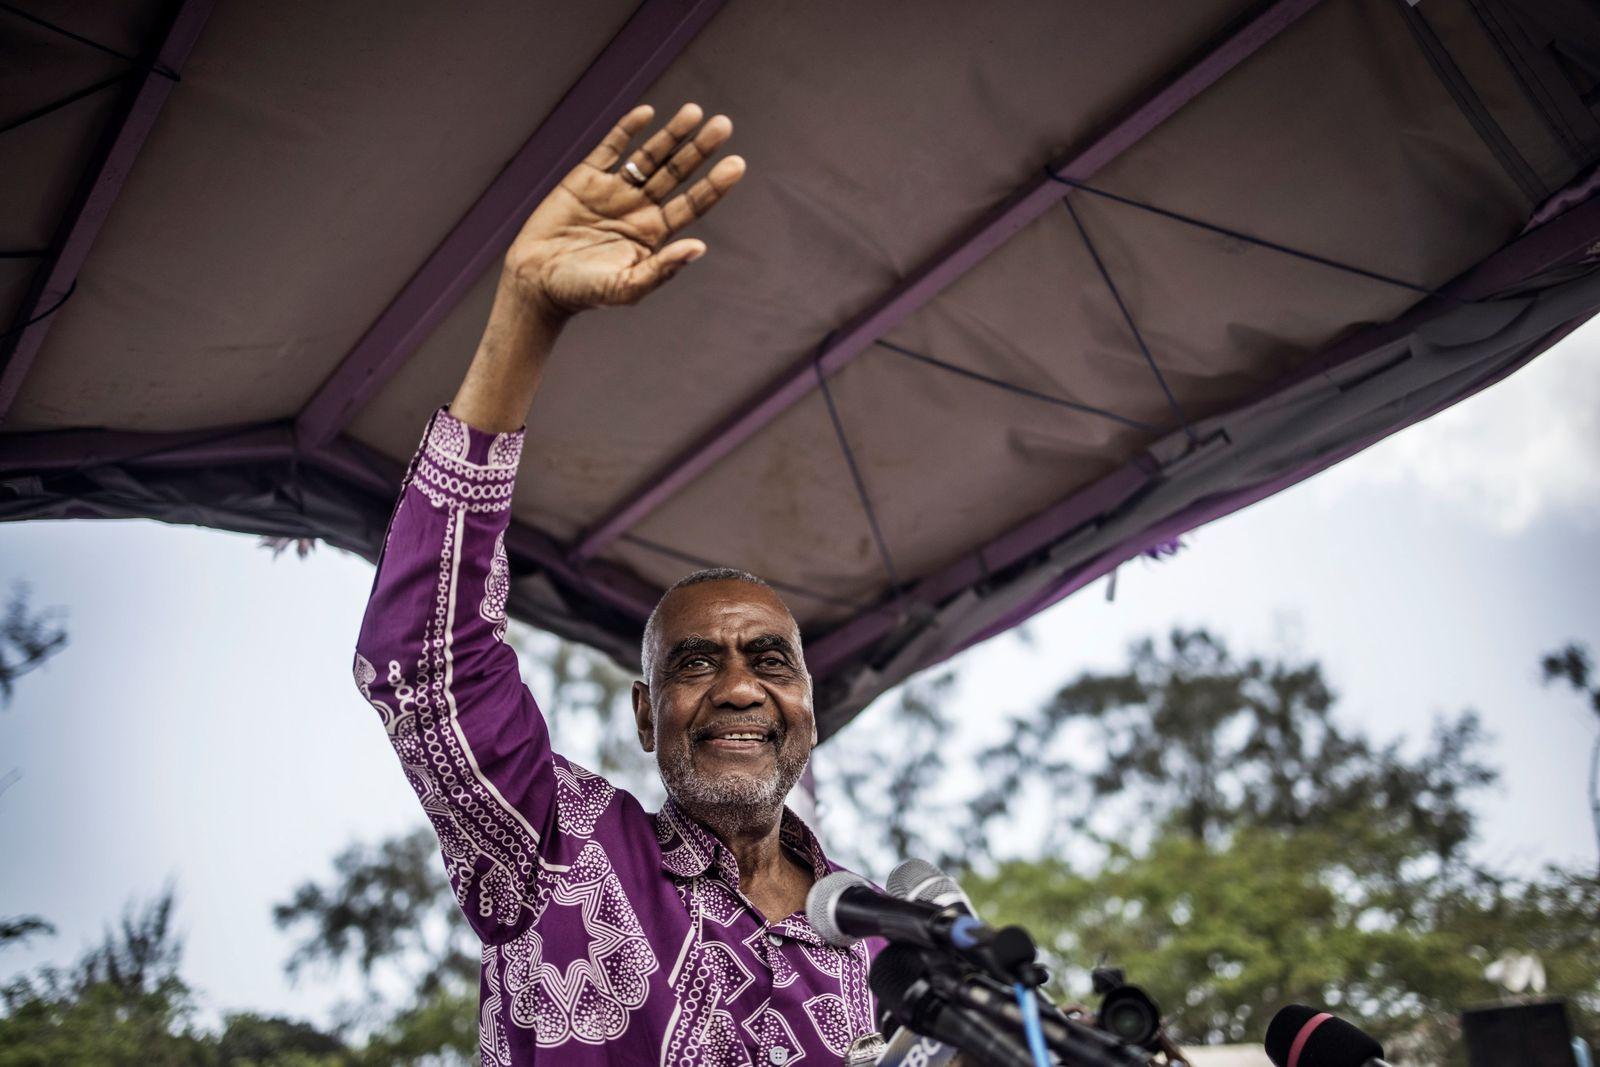 TANZANIA-ZANZIBAR-ELECTIONS-VOTE-POLITICS